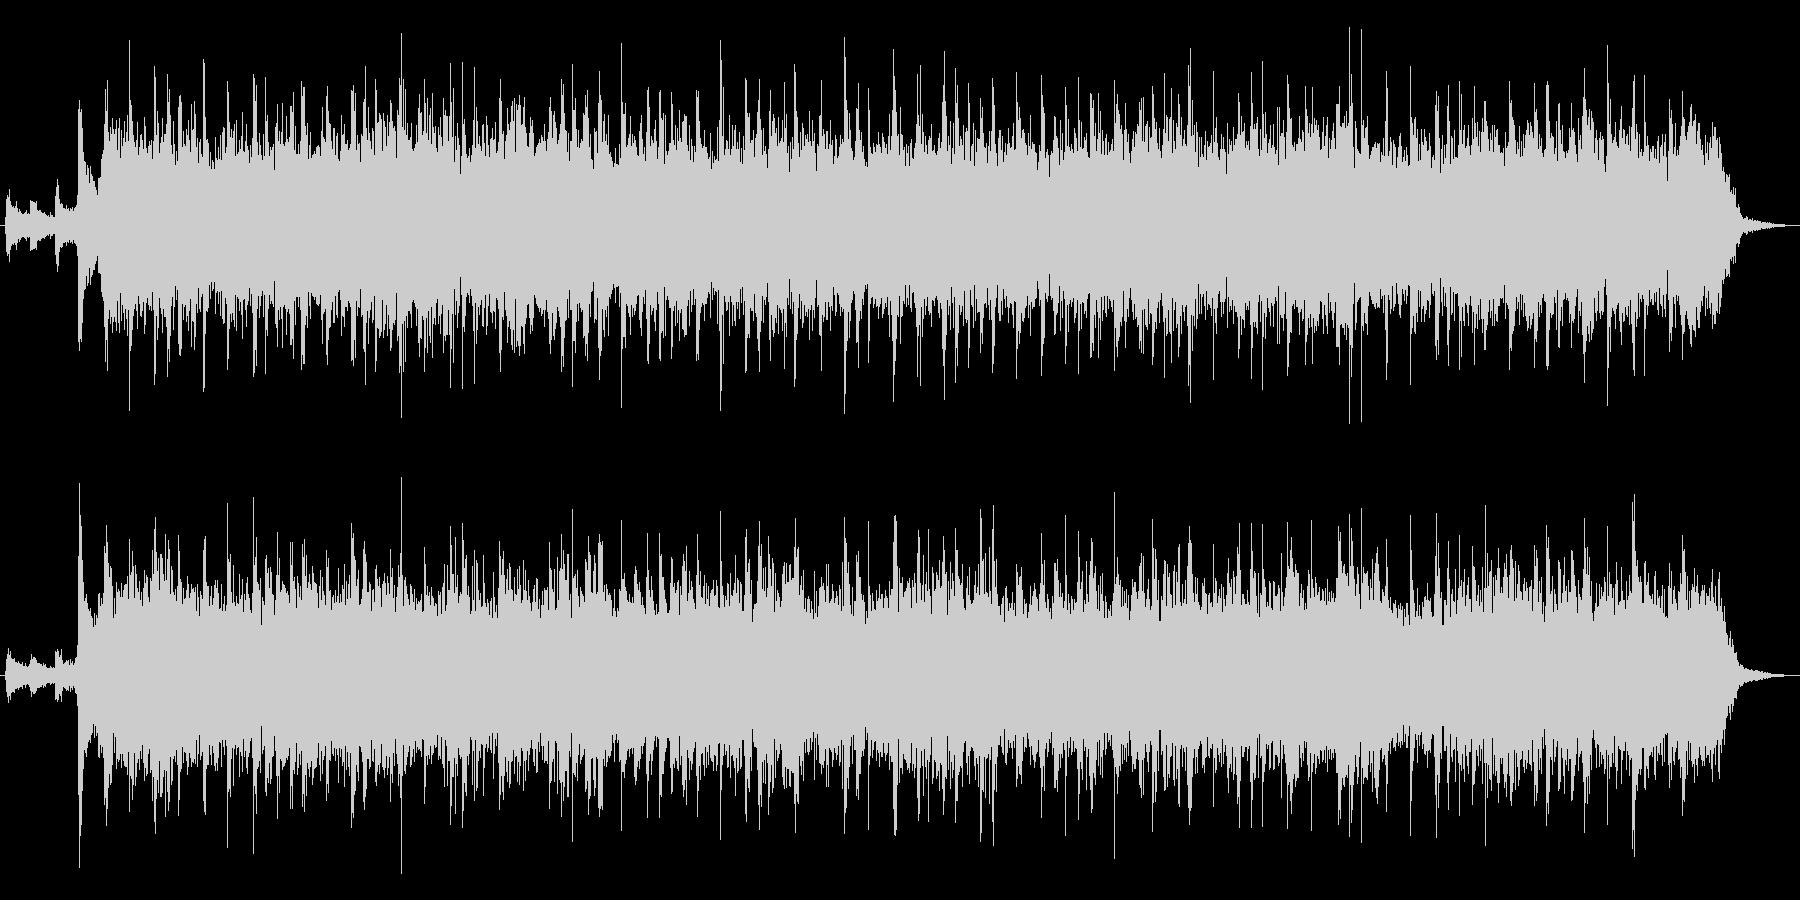 ハードロック#2/オープニング/入場の未再生の波形